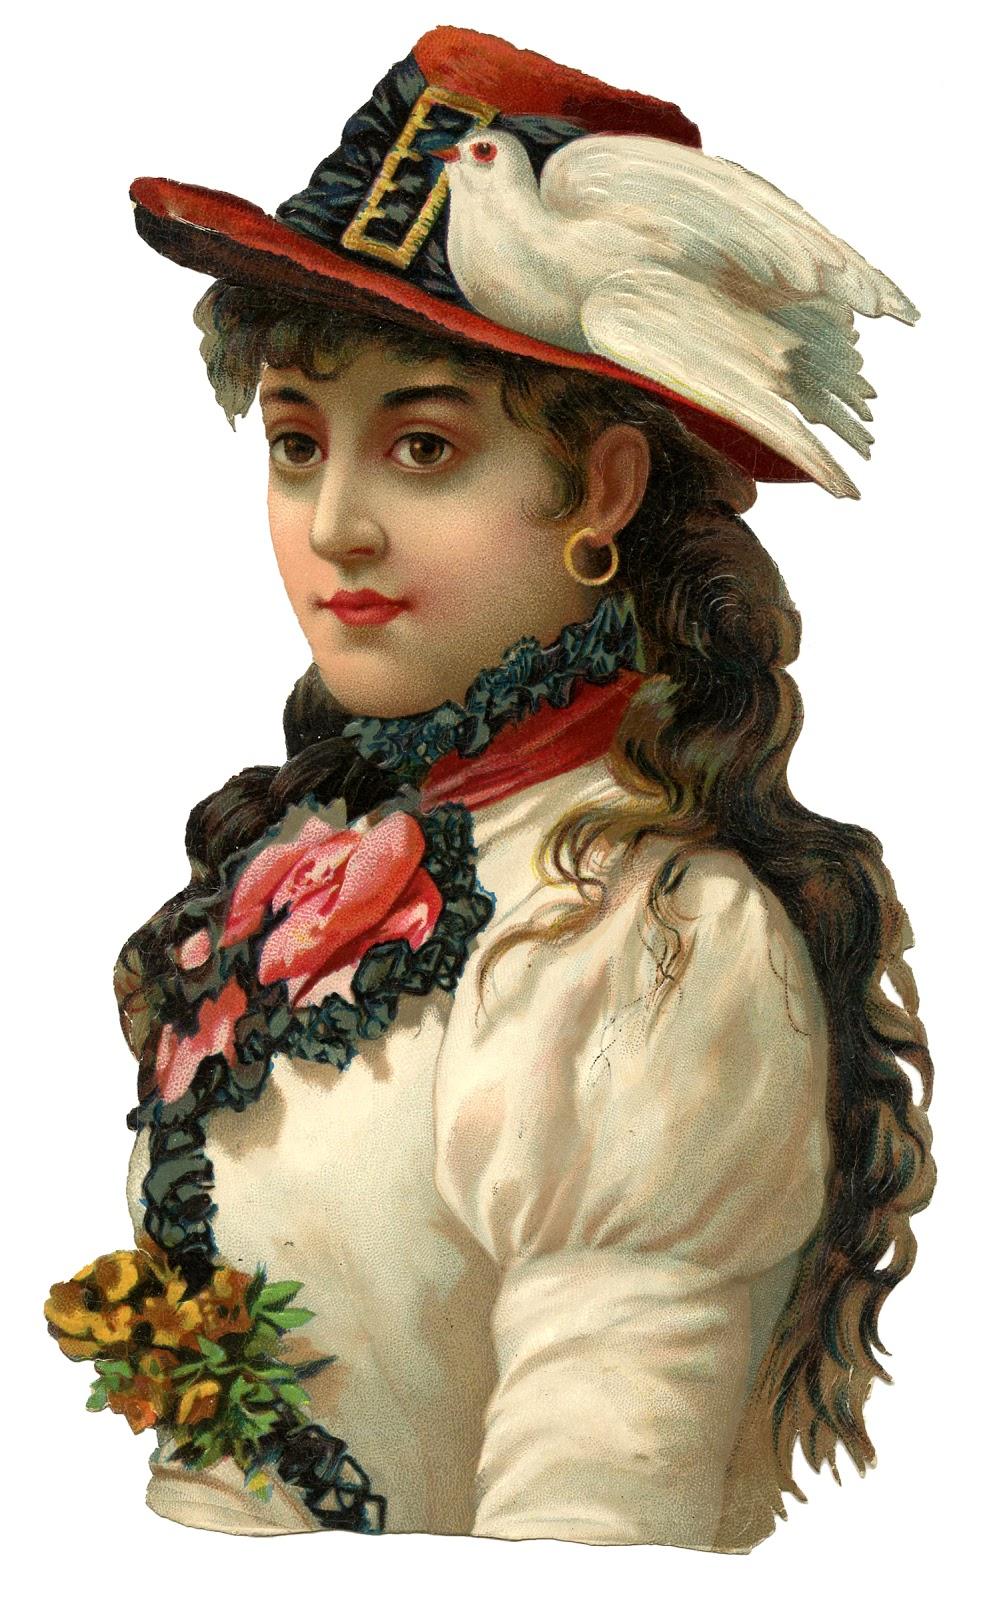 鳩の剥製が付いた赤い帽子を被ったジプシーの白い衣装の女性